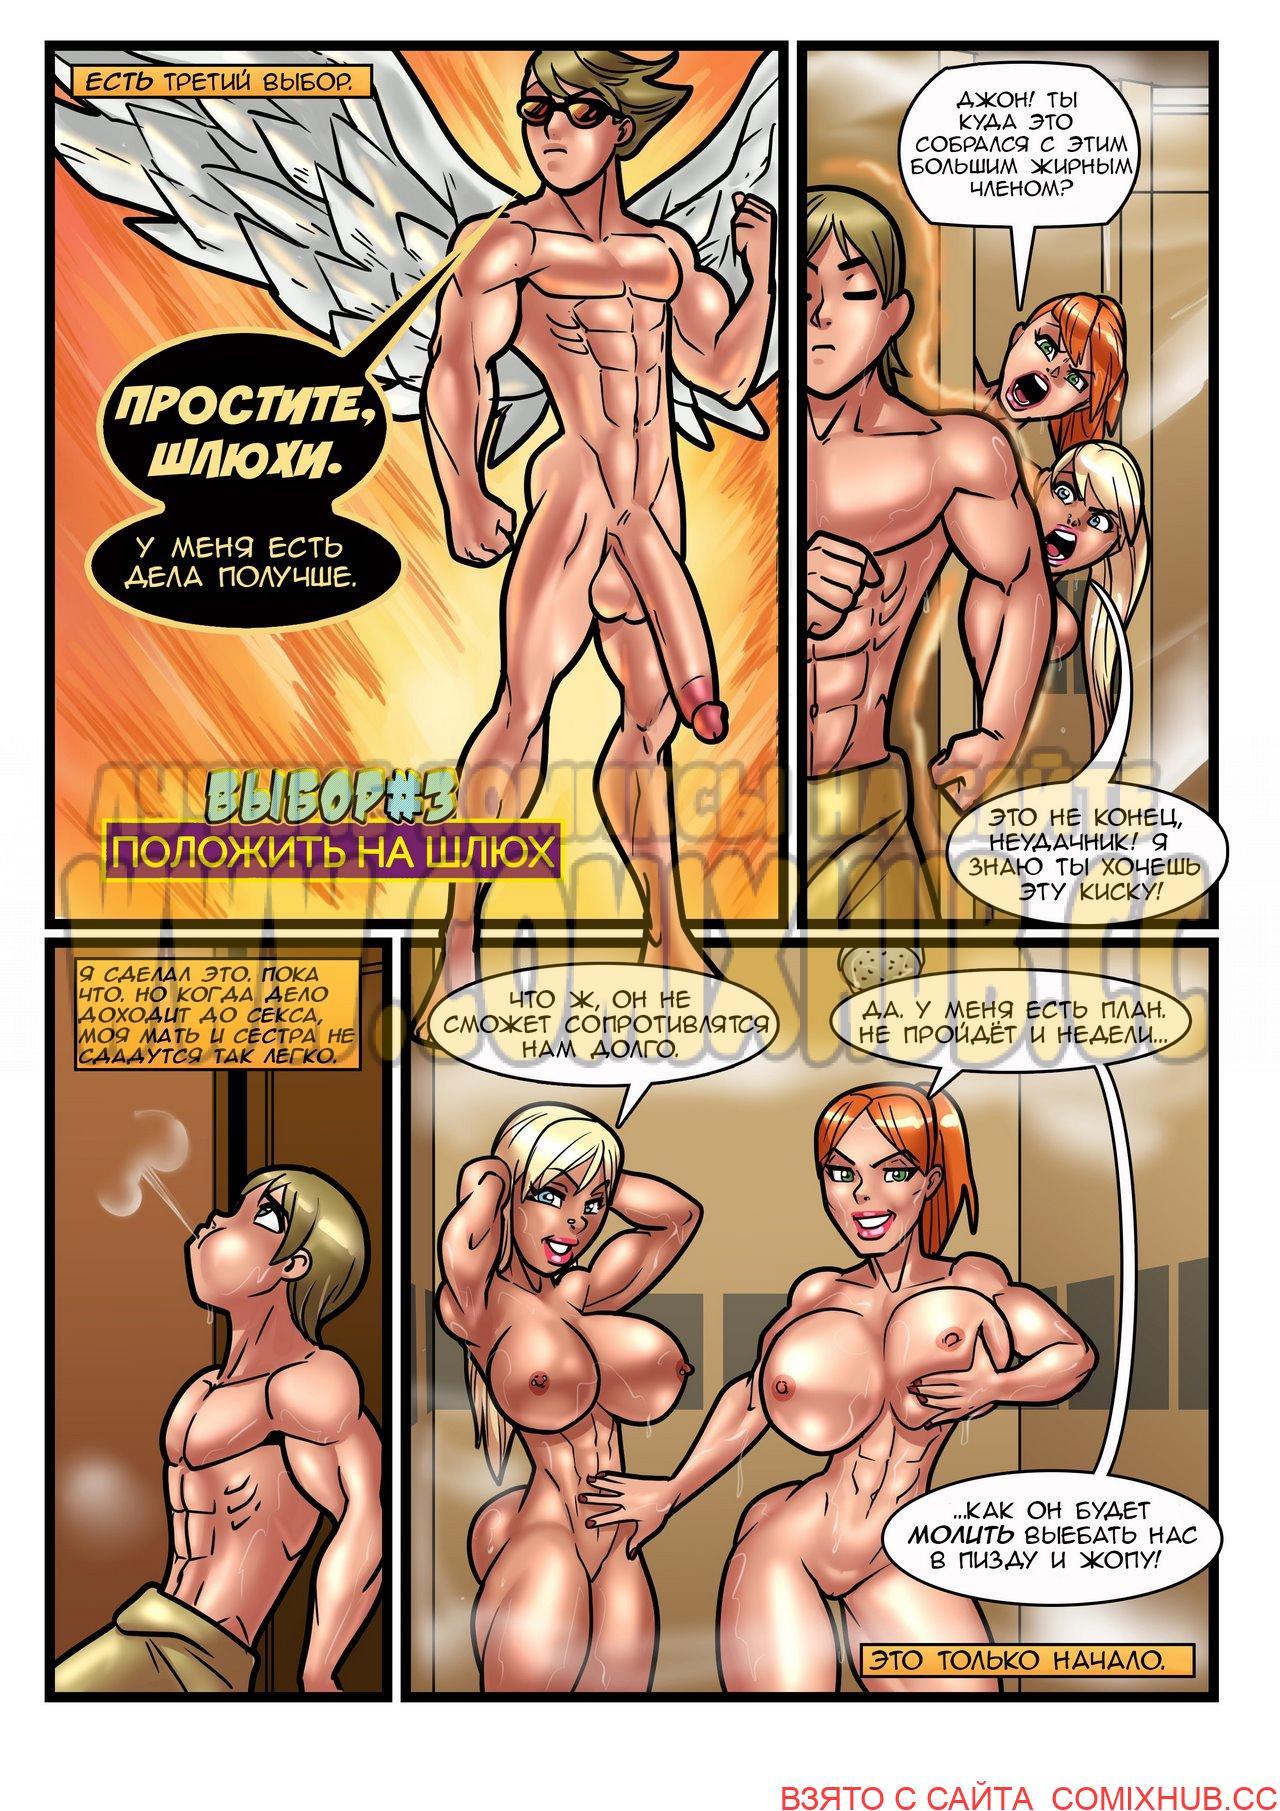 Моя мать и сестра королевы больших размеров, порно комиксы Инцест, Большая попа, Групповой секс, Порно комиксы